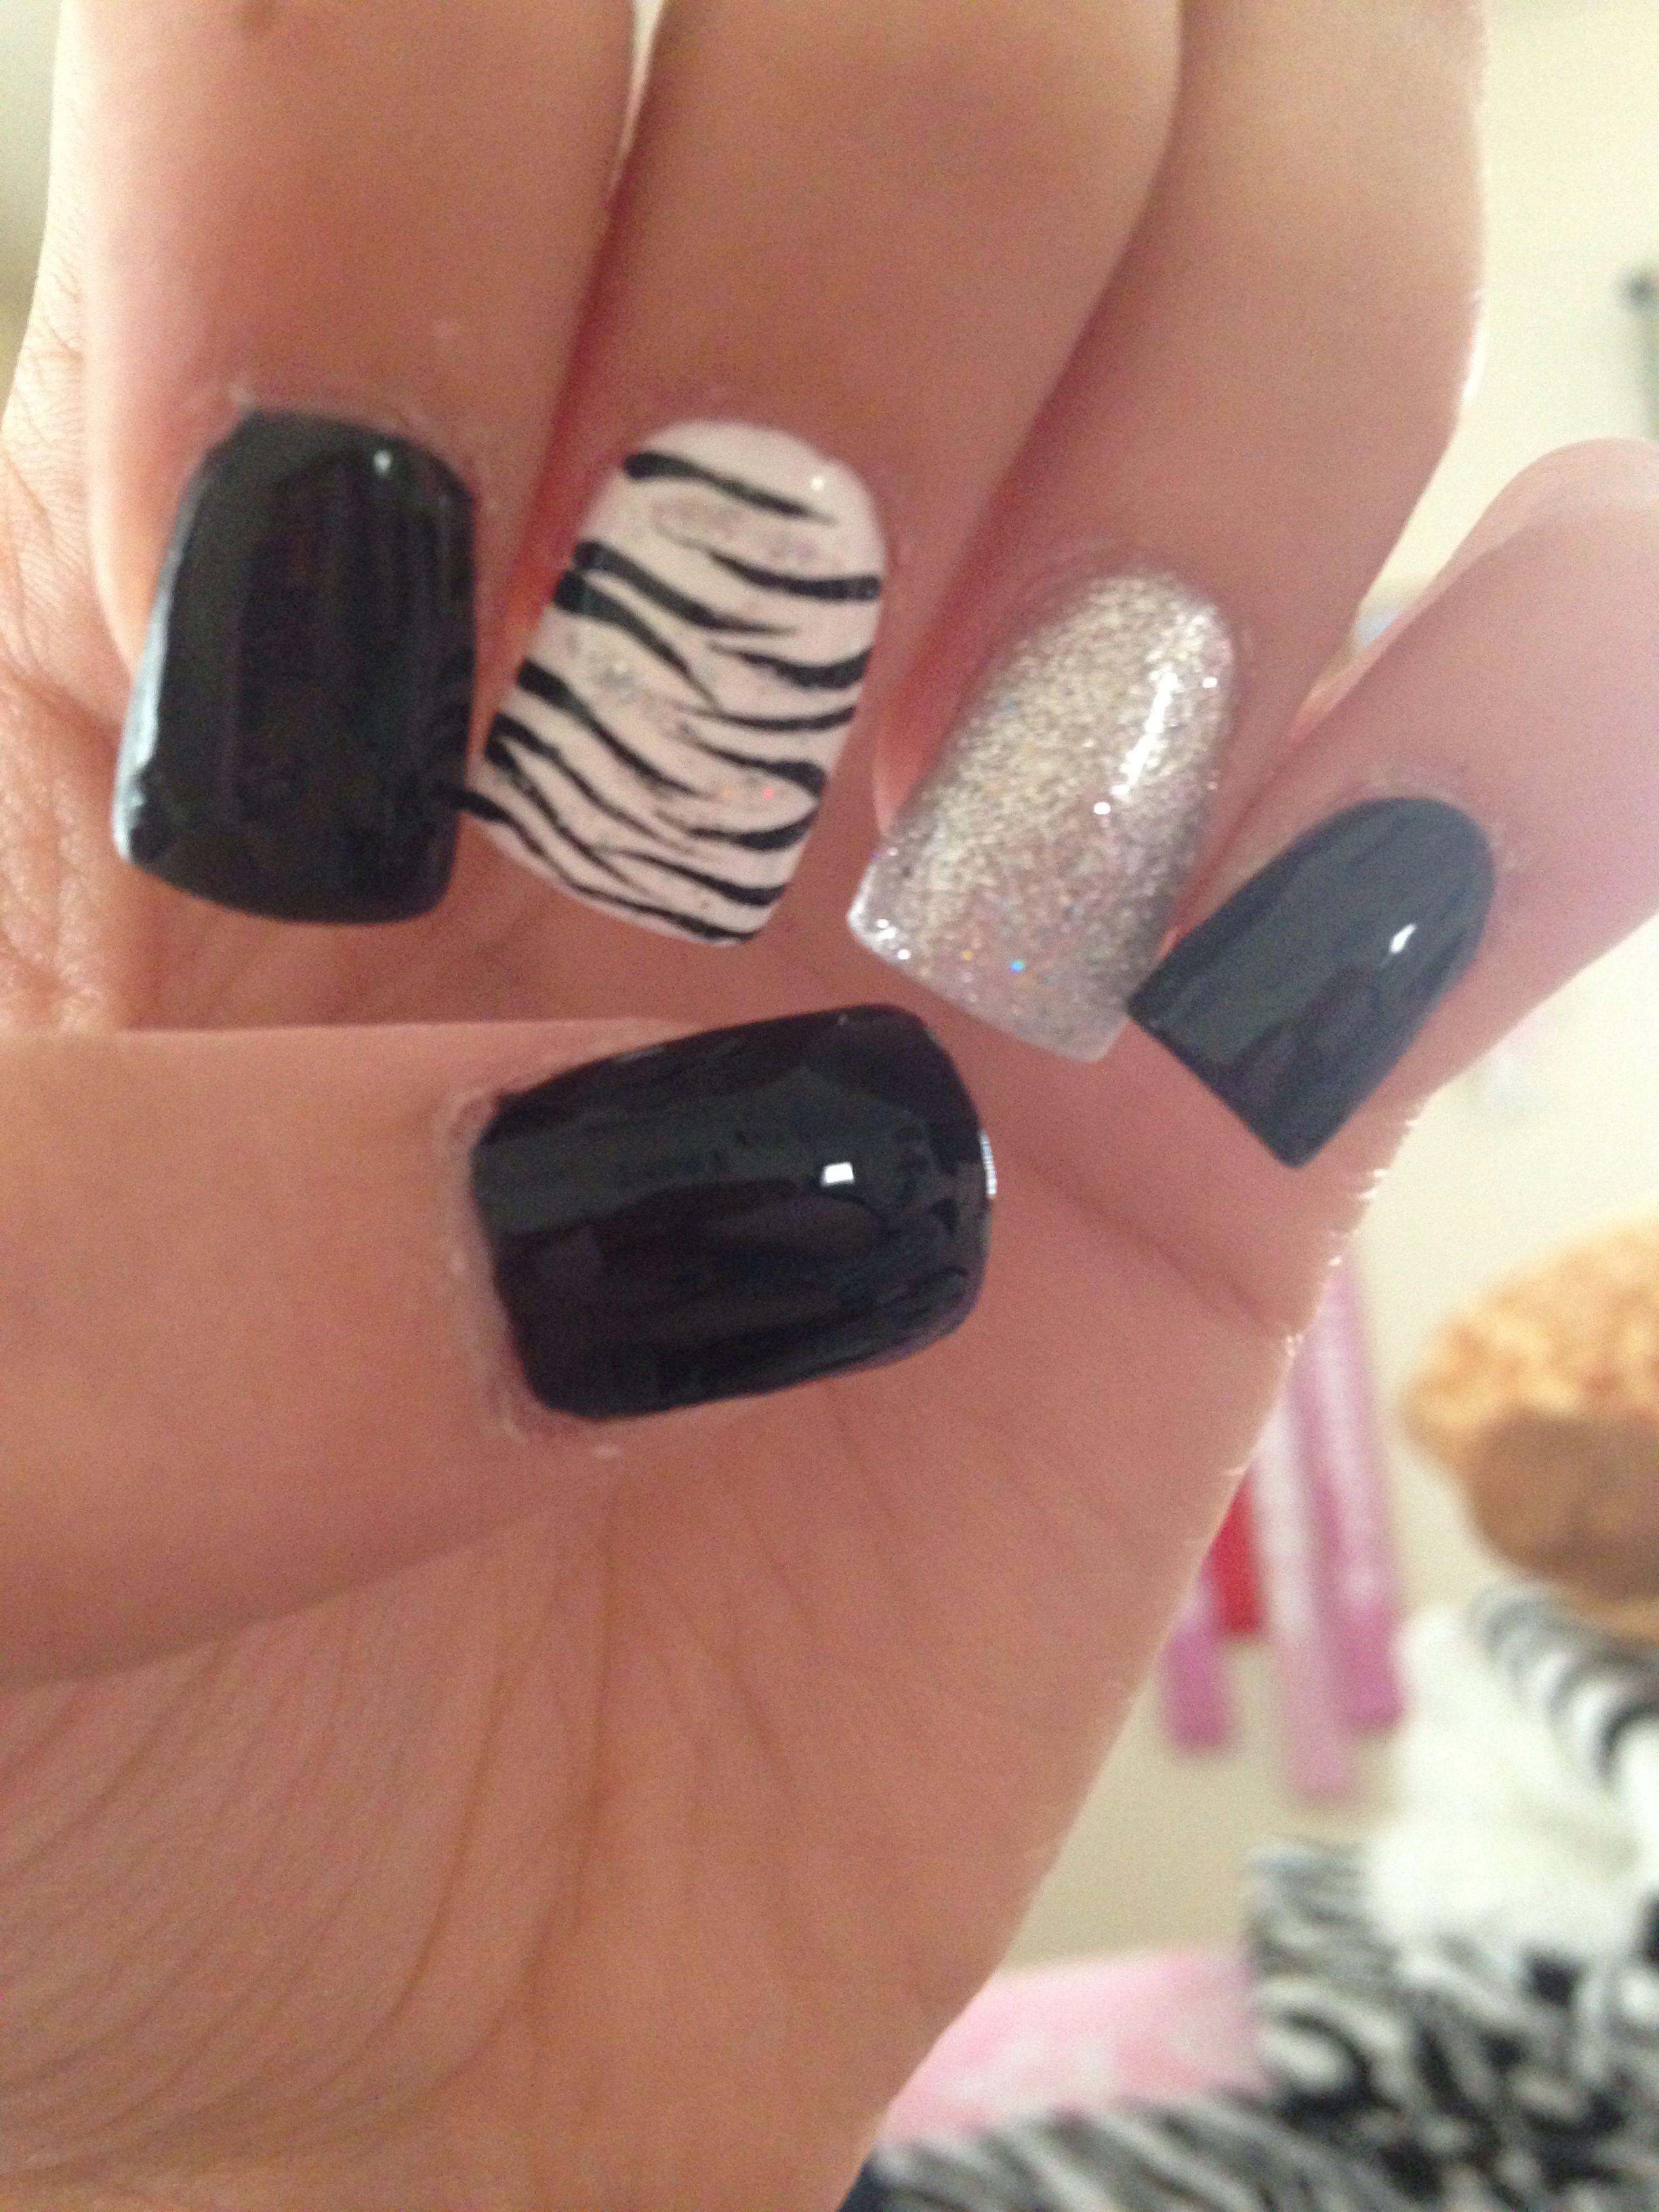 My cute fake nails | Nails | Pinterest | Acrylics, Silver ...